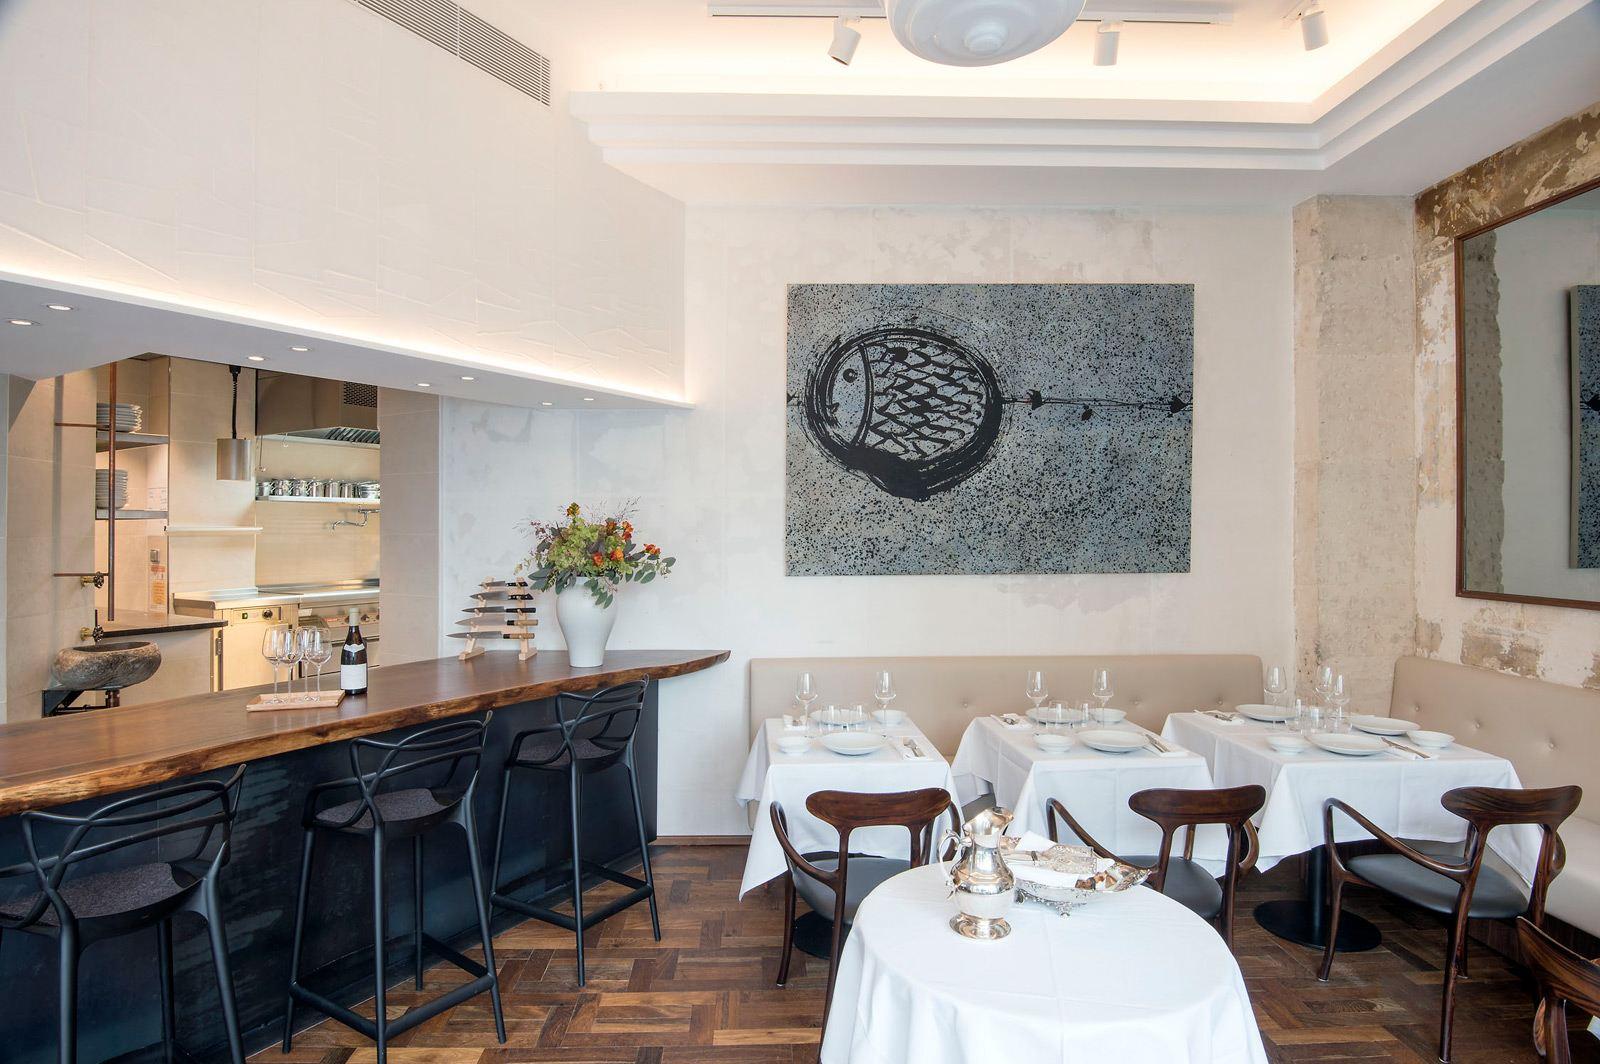 solstice_restaurant_paris par Esprit de France